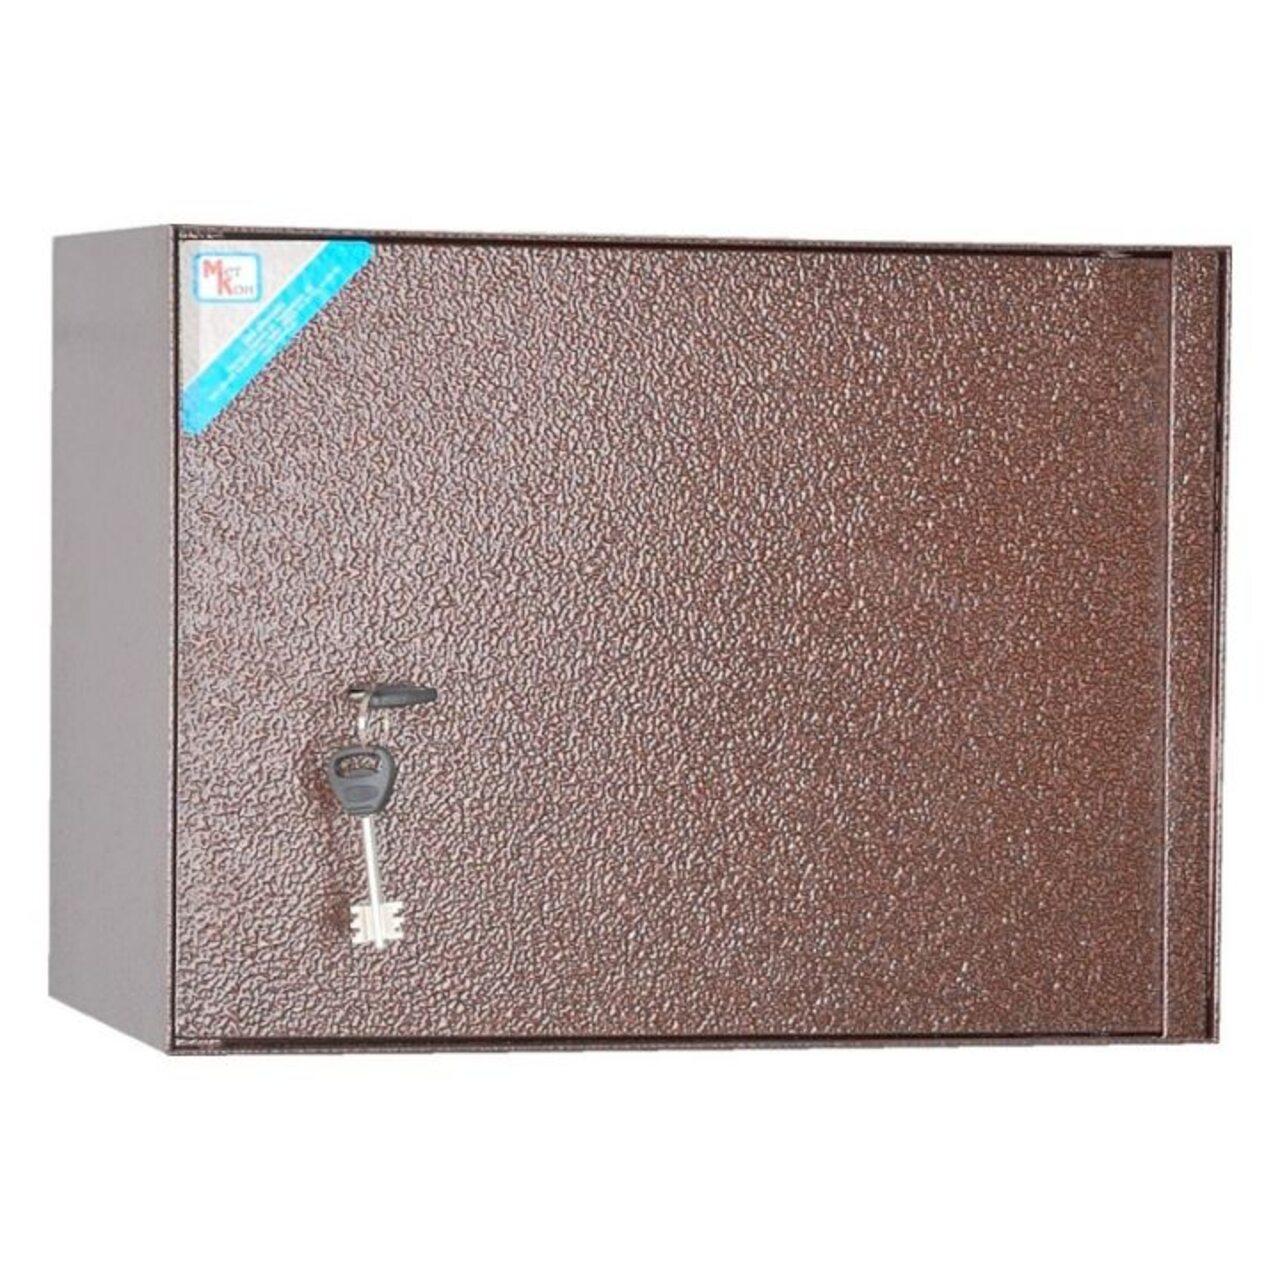 Шкаф мебельный ШМ-6К - фото 1